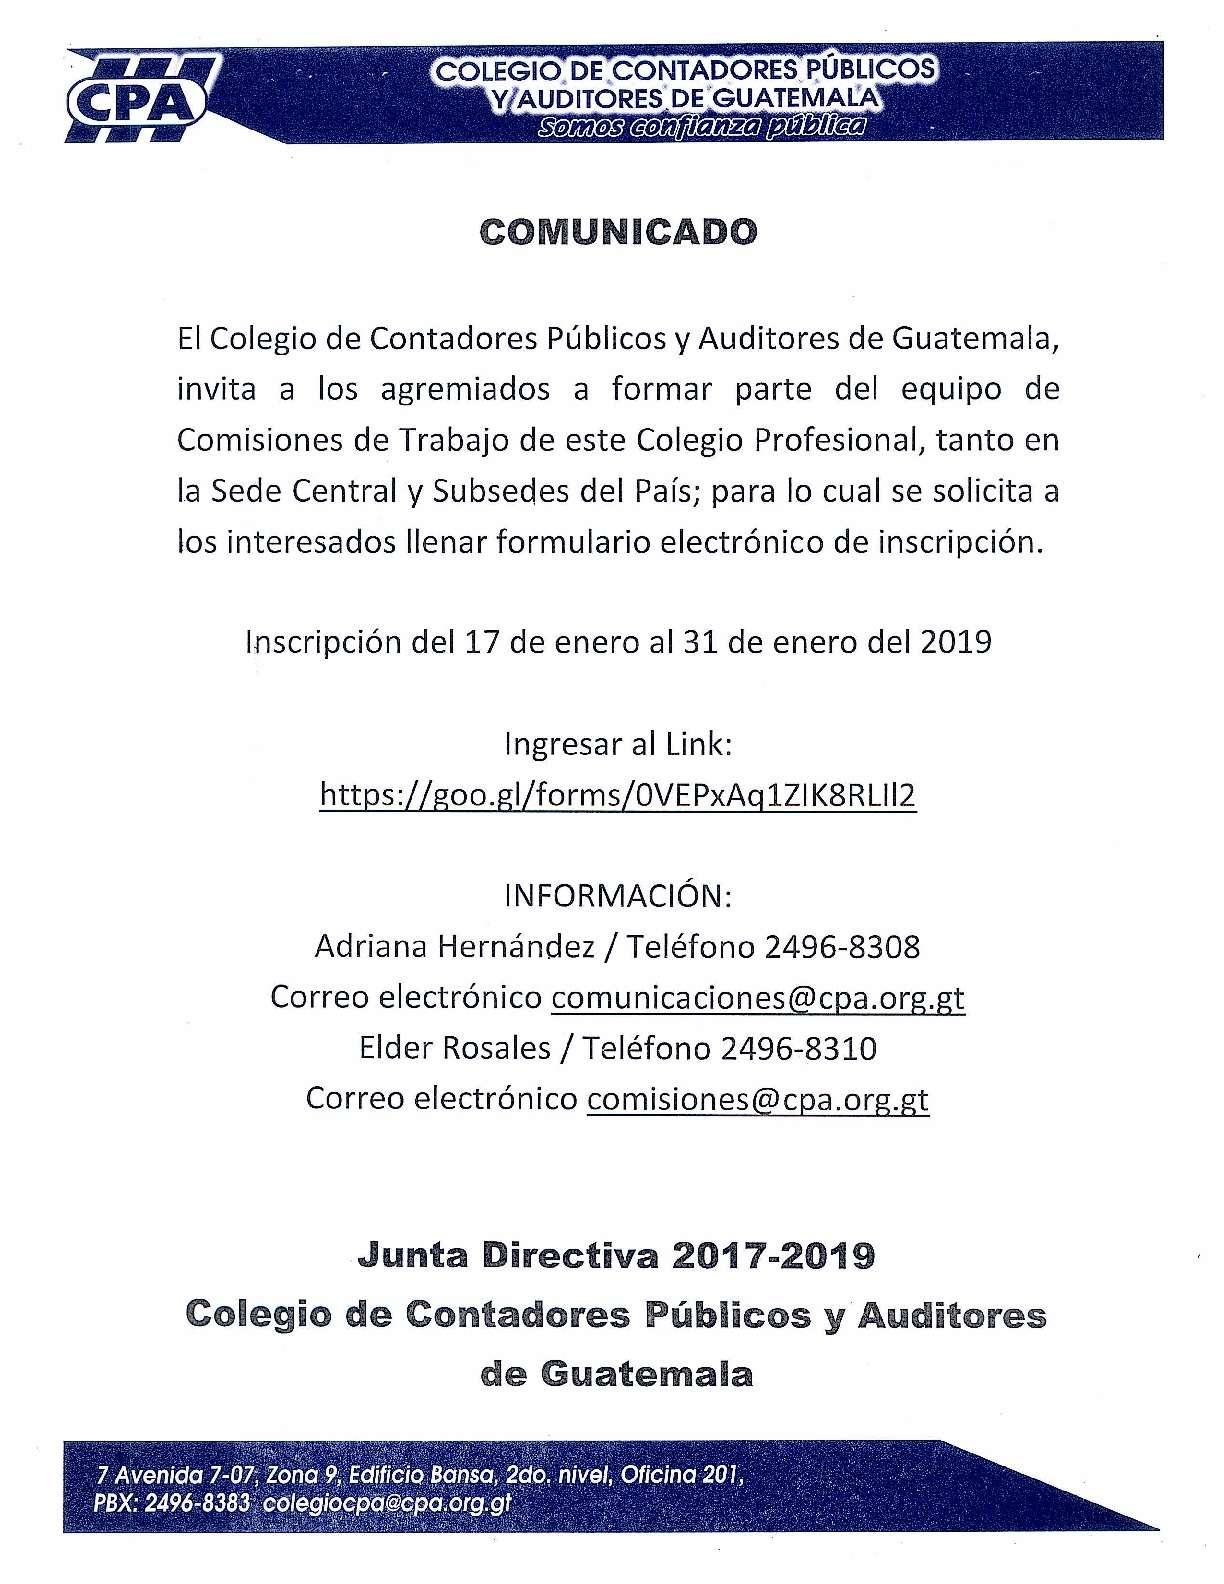 Comunicado «Comisiones de Trabajo del CCPAG»